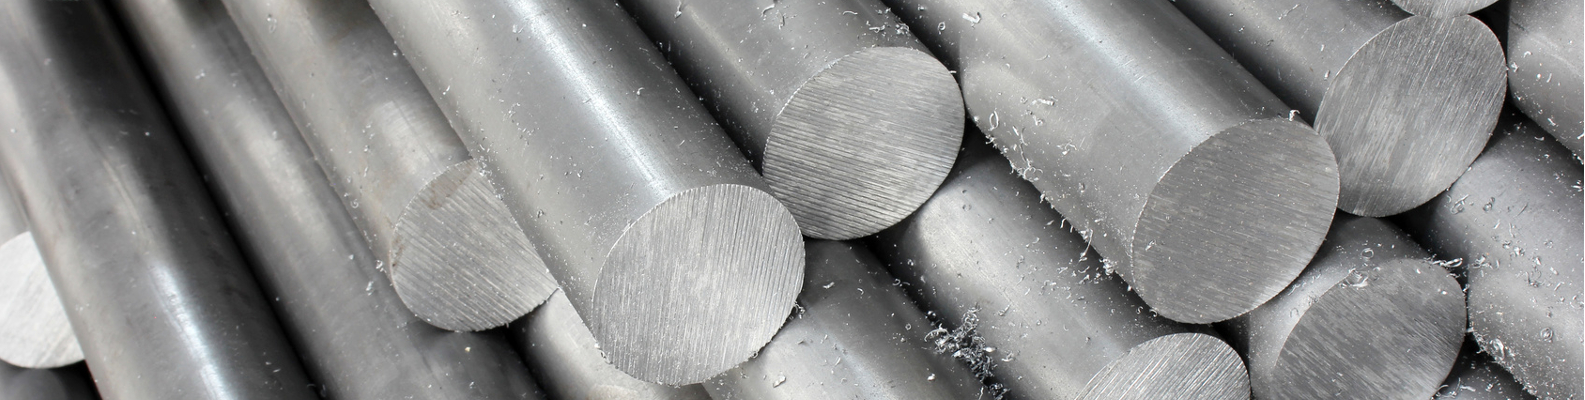 Wyroby ze stali nierdzewnej kwasoodpornej i żaroodpornej Rzeszów